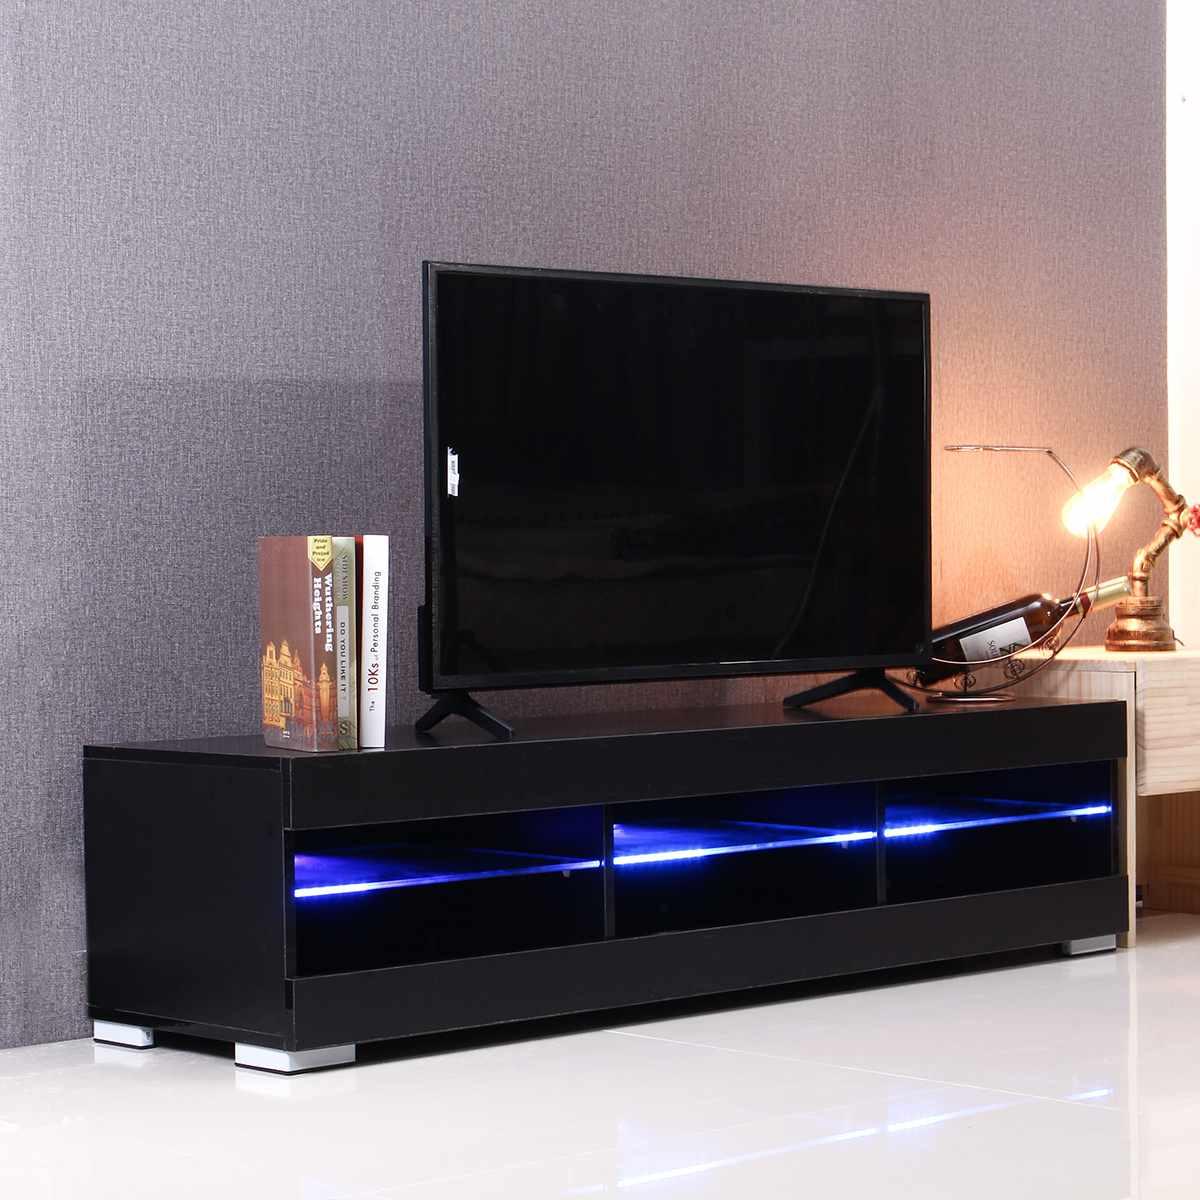 57 بوصة RGB LED وحدة تليفزيون خزانة تقف مع 6 أدراج مفتوحة التلفزيون قوس الجدول غرفة المعيشة المنزلي الأثاث التلفزيون تقف عالي اللمعة